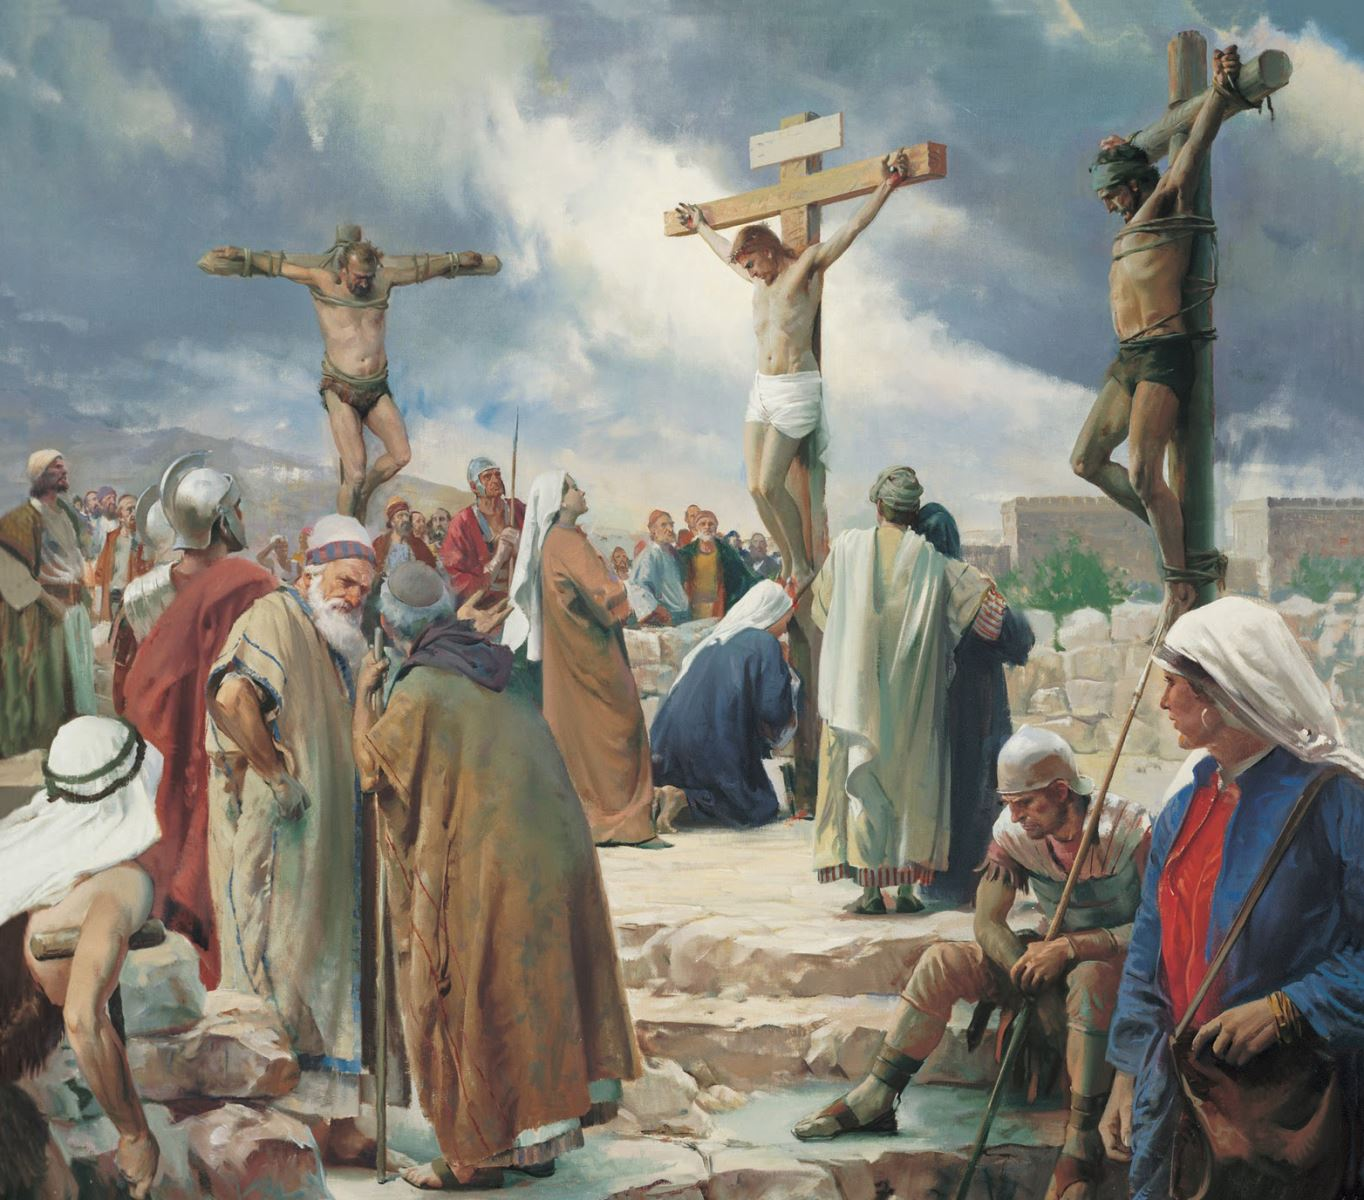 Phụng vụ Tuần Thánh: Cơ Cấu và Ý nghĩa các Nghi Thức